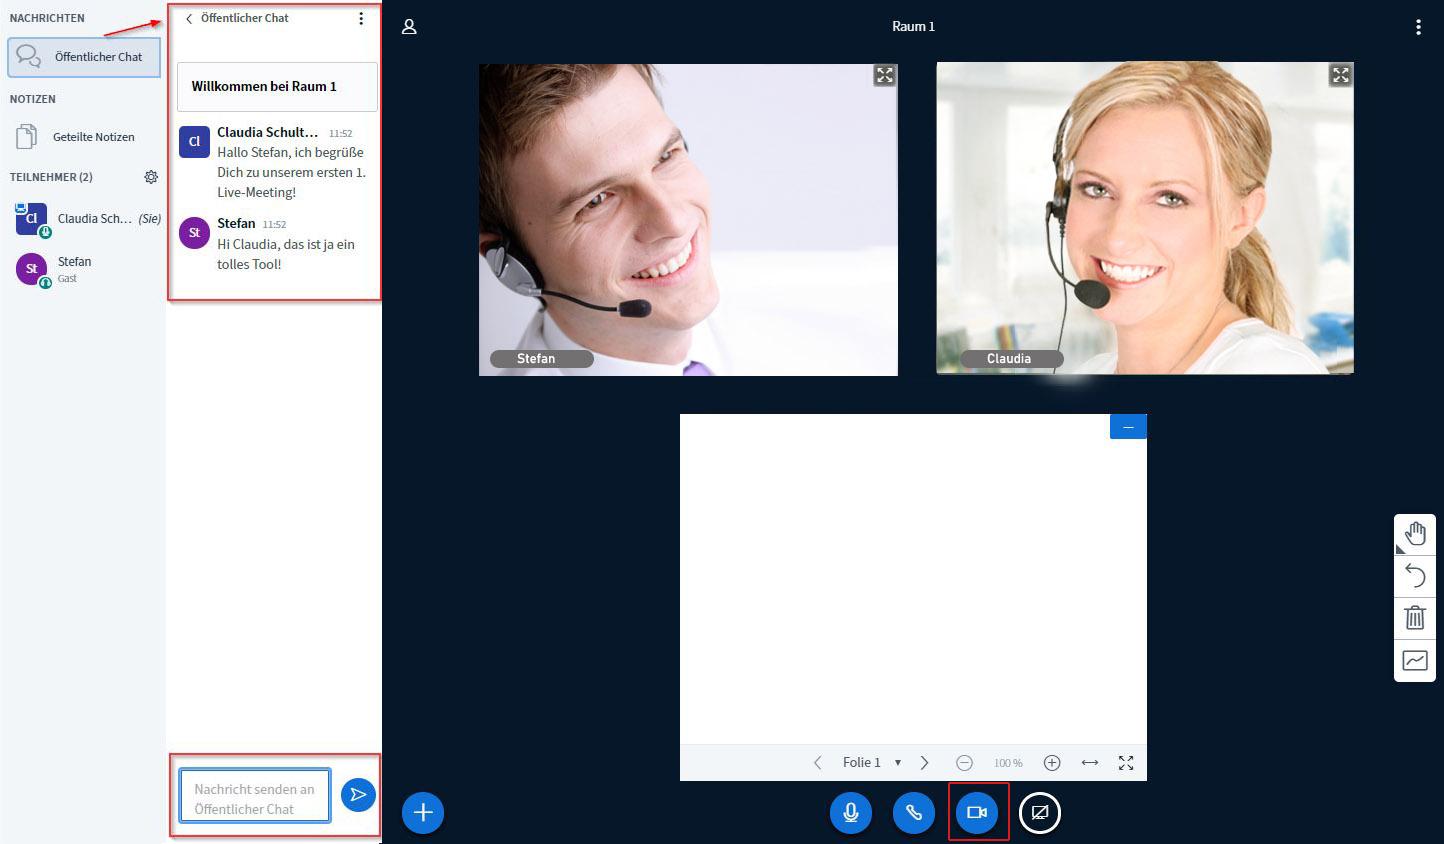 Videokonferenz & Chatfunktion mit öffentlichem und privatem Chat